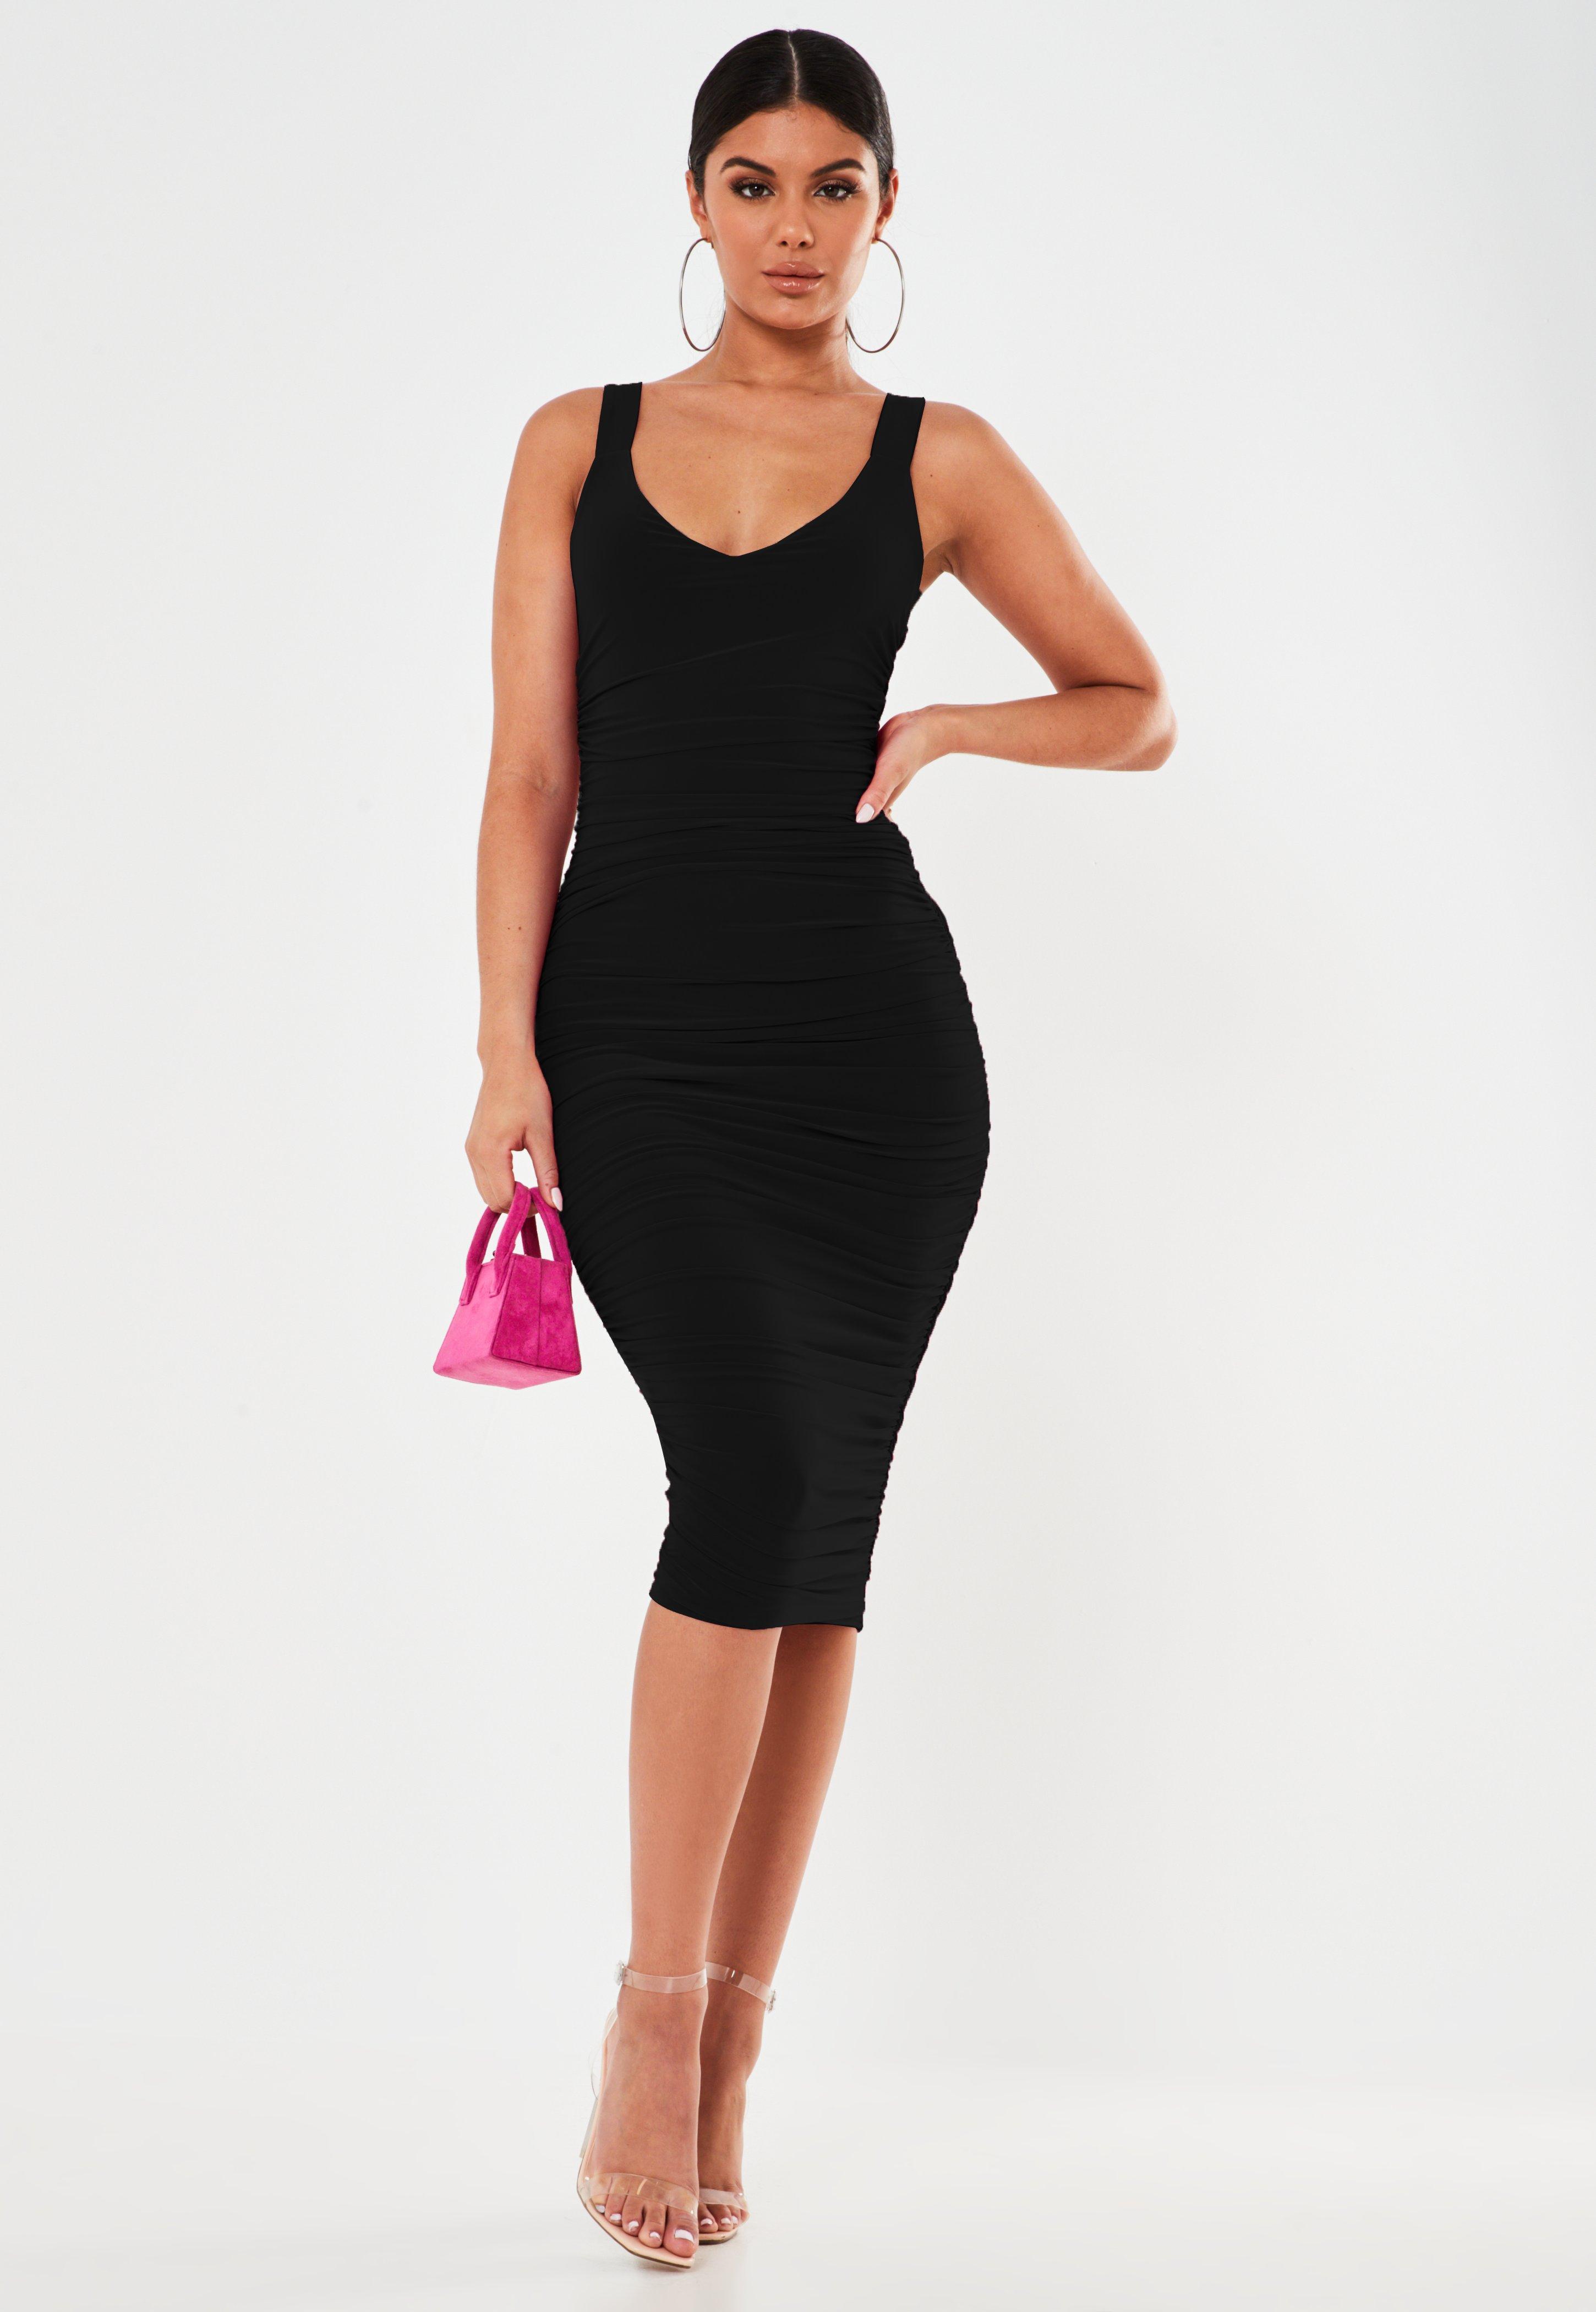 Short Black Evening Dress Ladies Size 12 Bodycon Embellished Plunge V Neckline